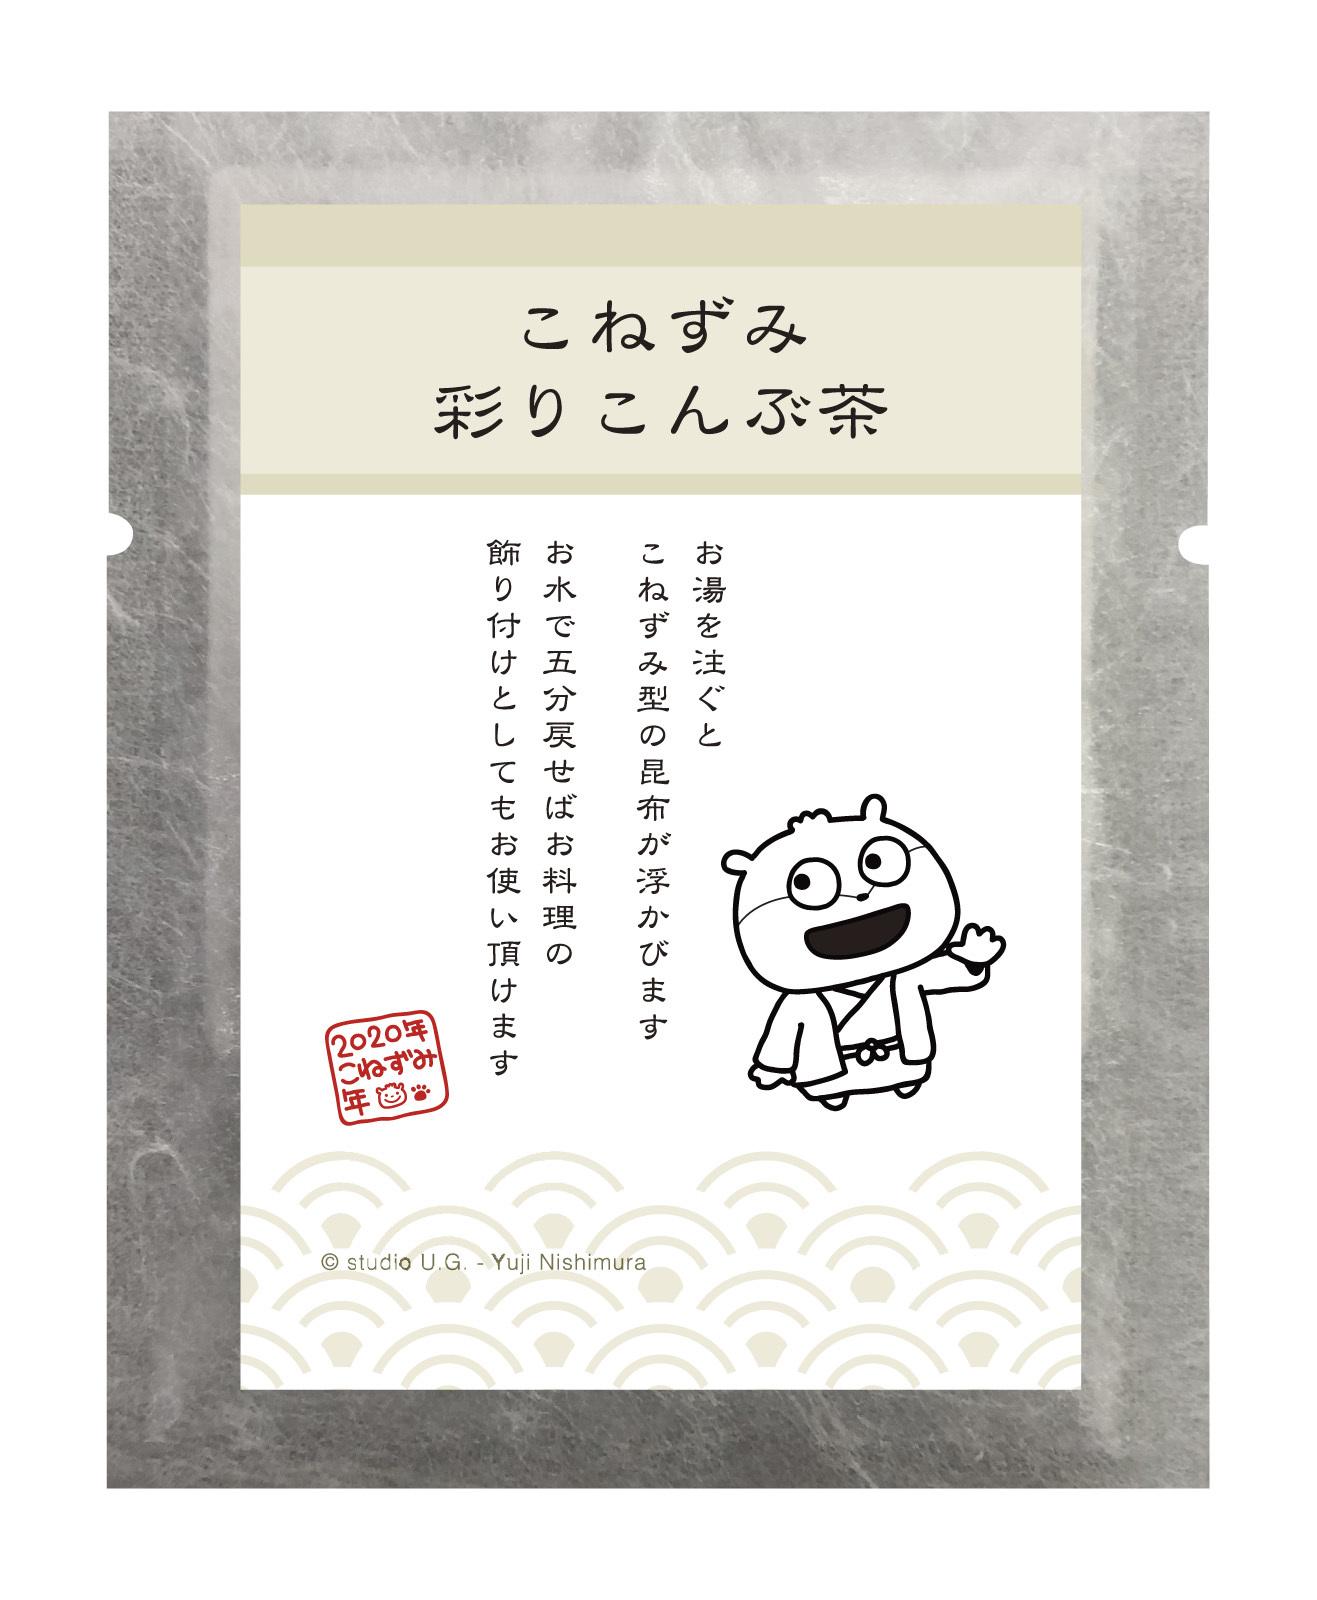 「にしむらゆうじ オンラインショップ」情報_c0398652_14413232.jpg